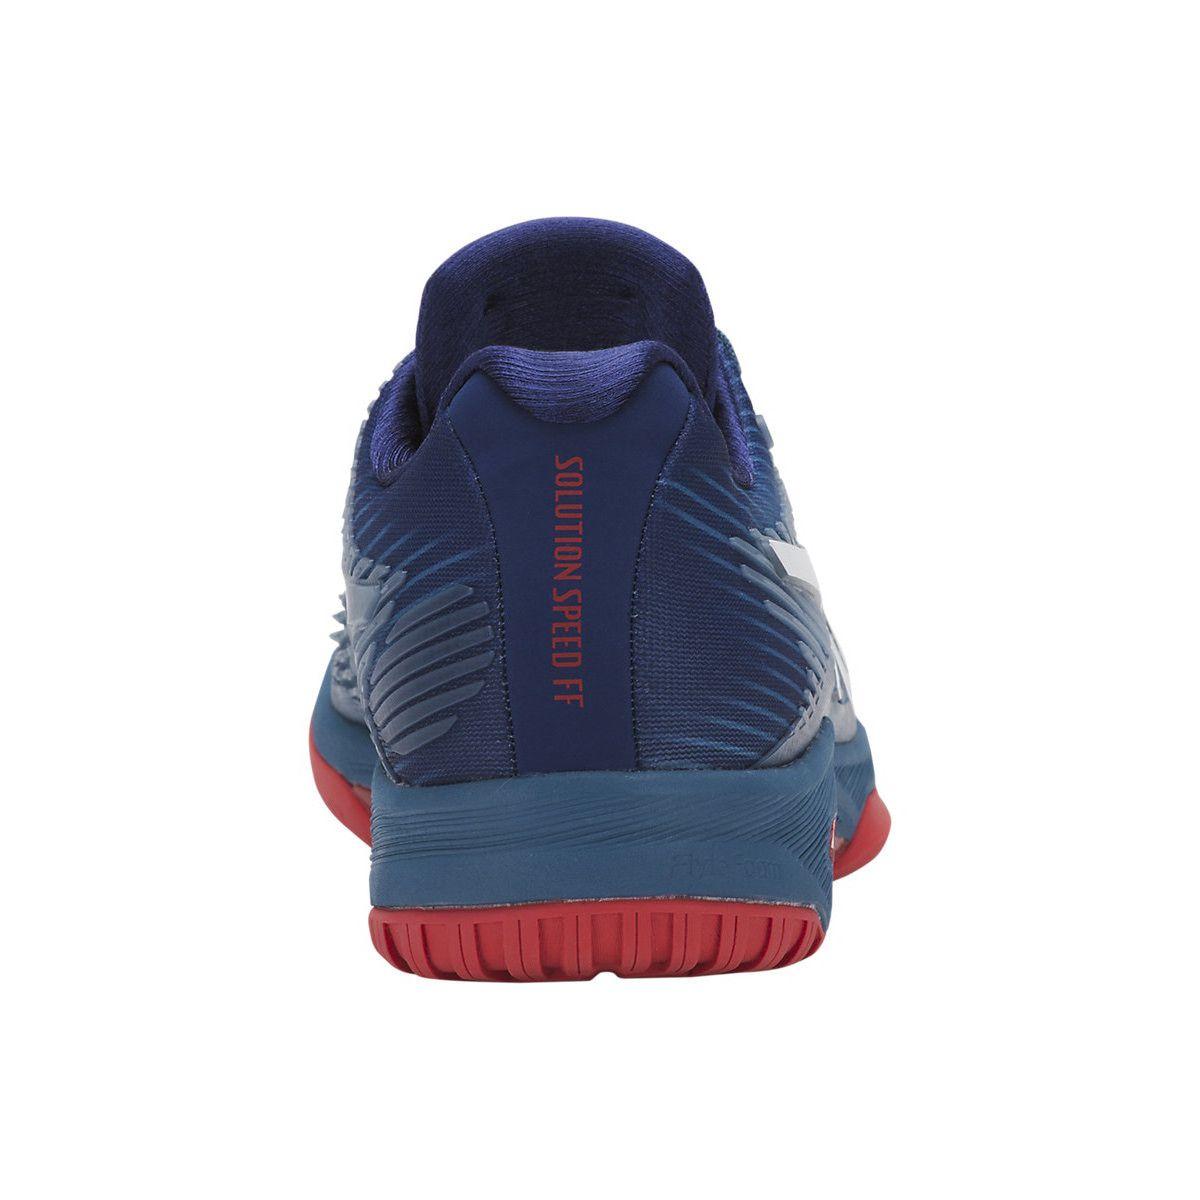 824f43b6835 ... Tênis Asics Solution Speed FF Azul Branco e Vermelho - Spinway Tennis e Beach  Tennis